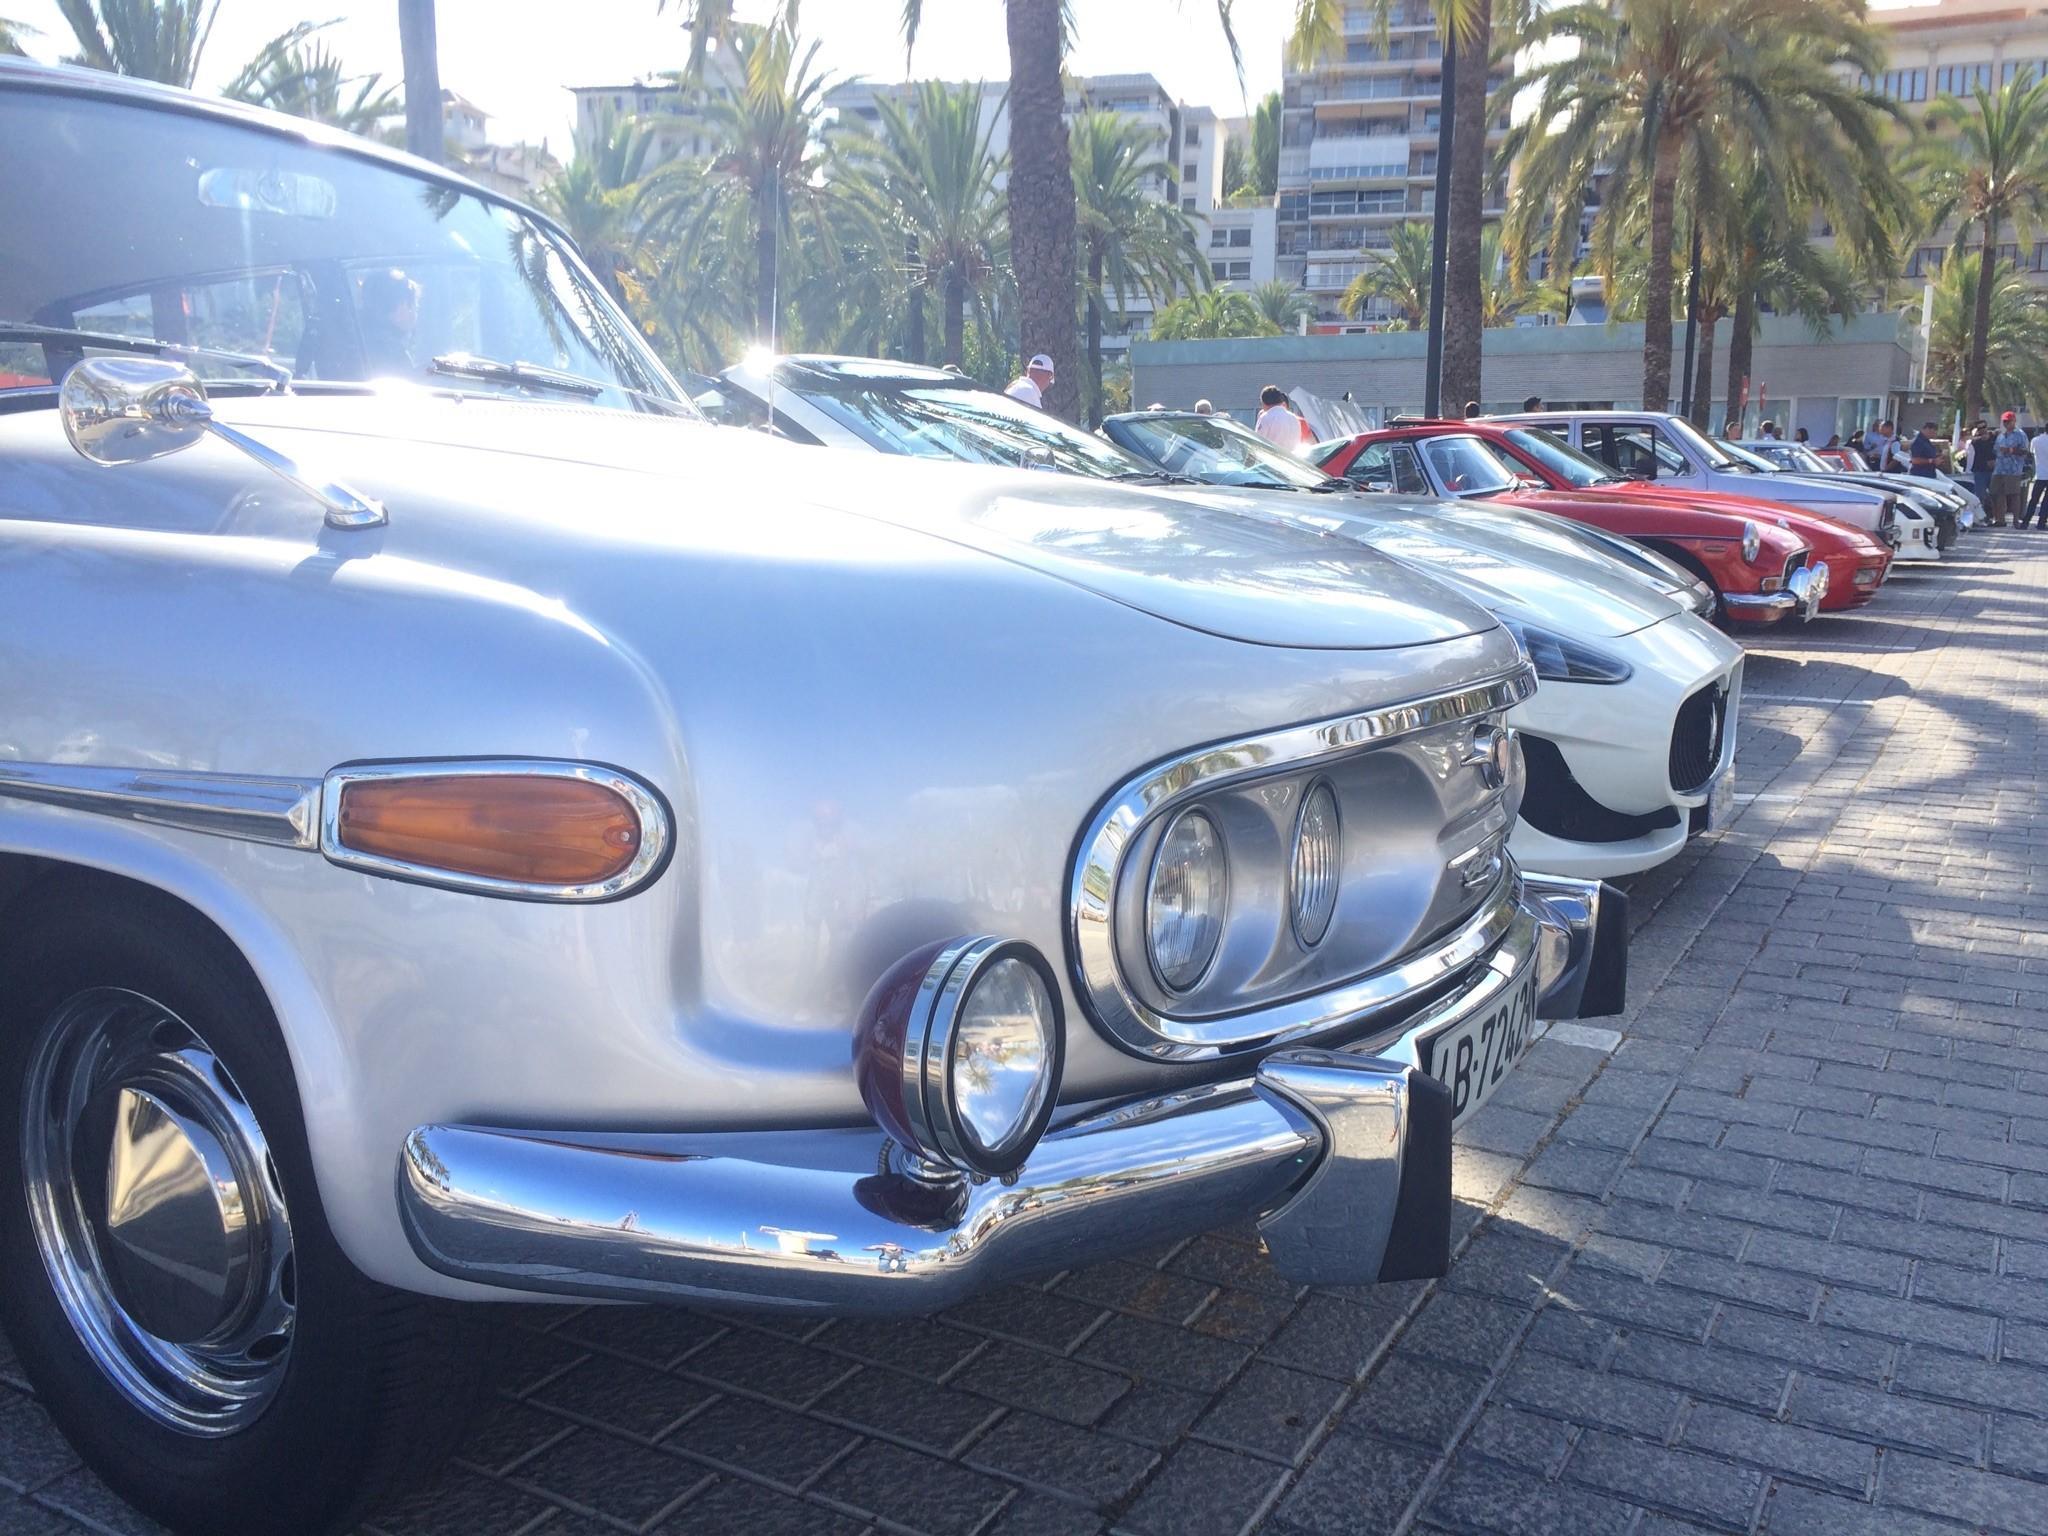 Tatra 603 made from 1953 to 1975.